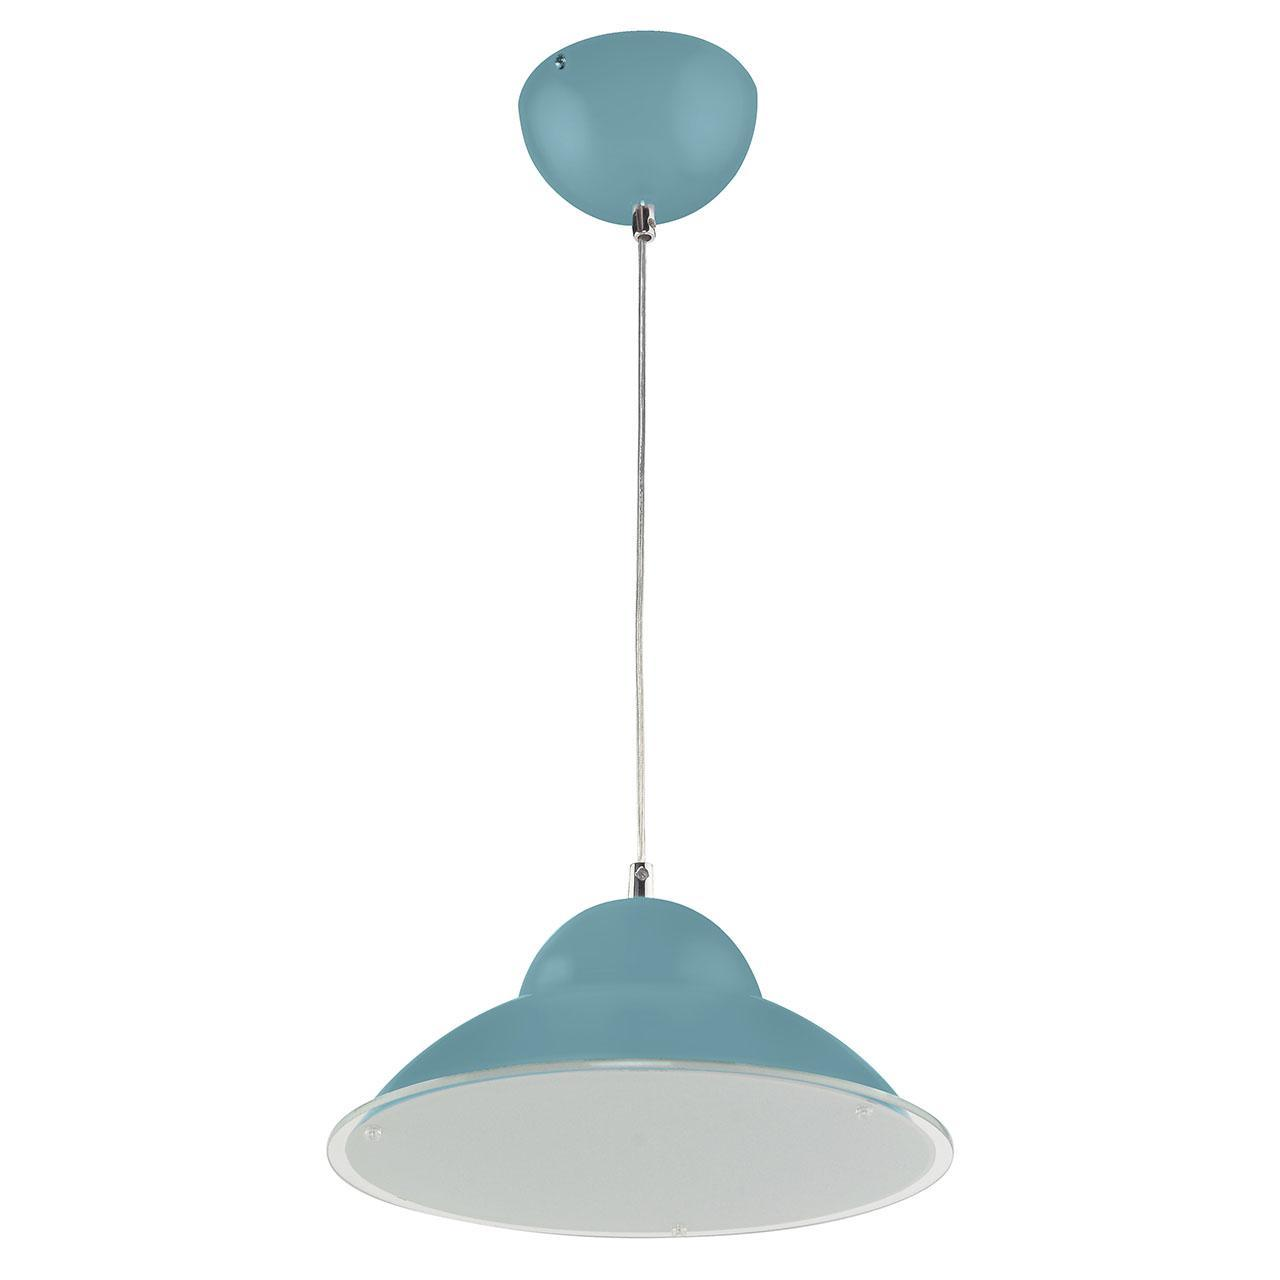 Подвесной светодиодный светильник Horoz голубой 020-005-0015 horoz подвесной светодиодный светильник horoz alya 15w 4000к ip20 розовый 020 005 0015 hrz00000785